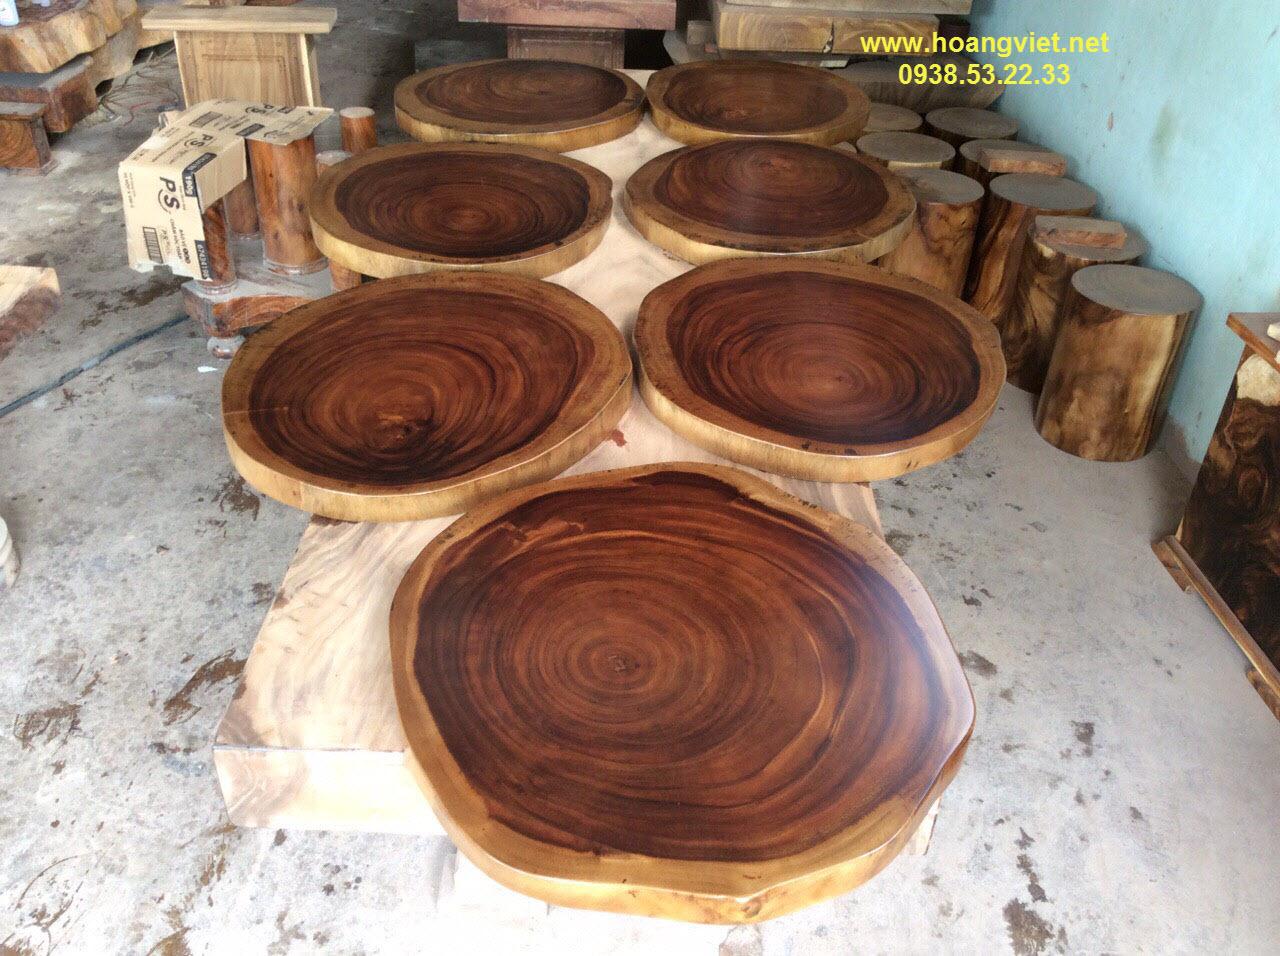 Thiết lập nét độc đáo cho quán với bàn cafe tròn chân sắt mặt gỗ me tây.